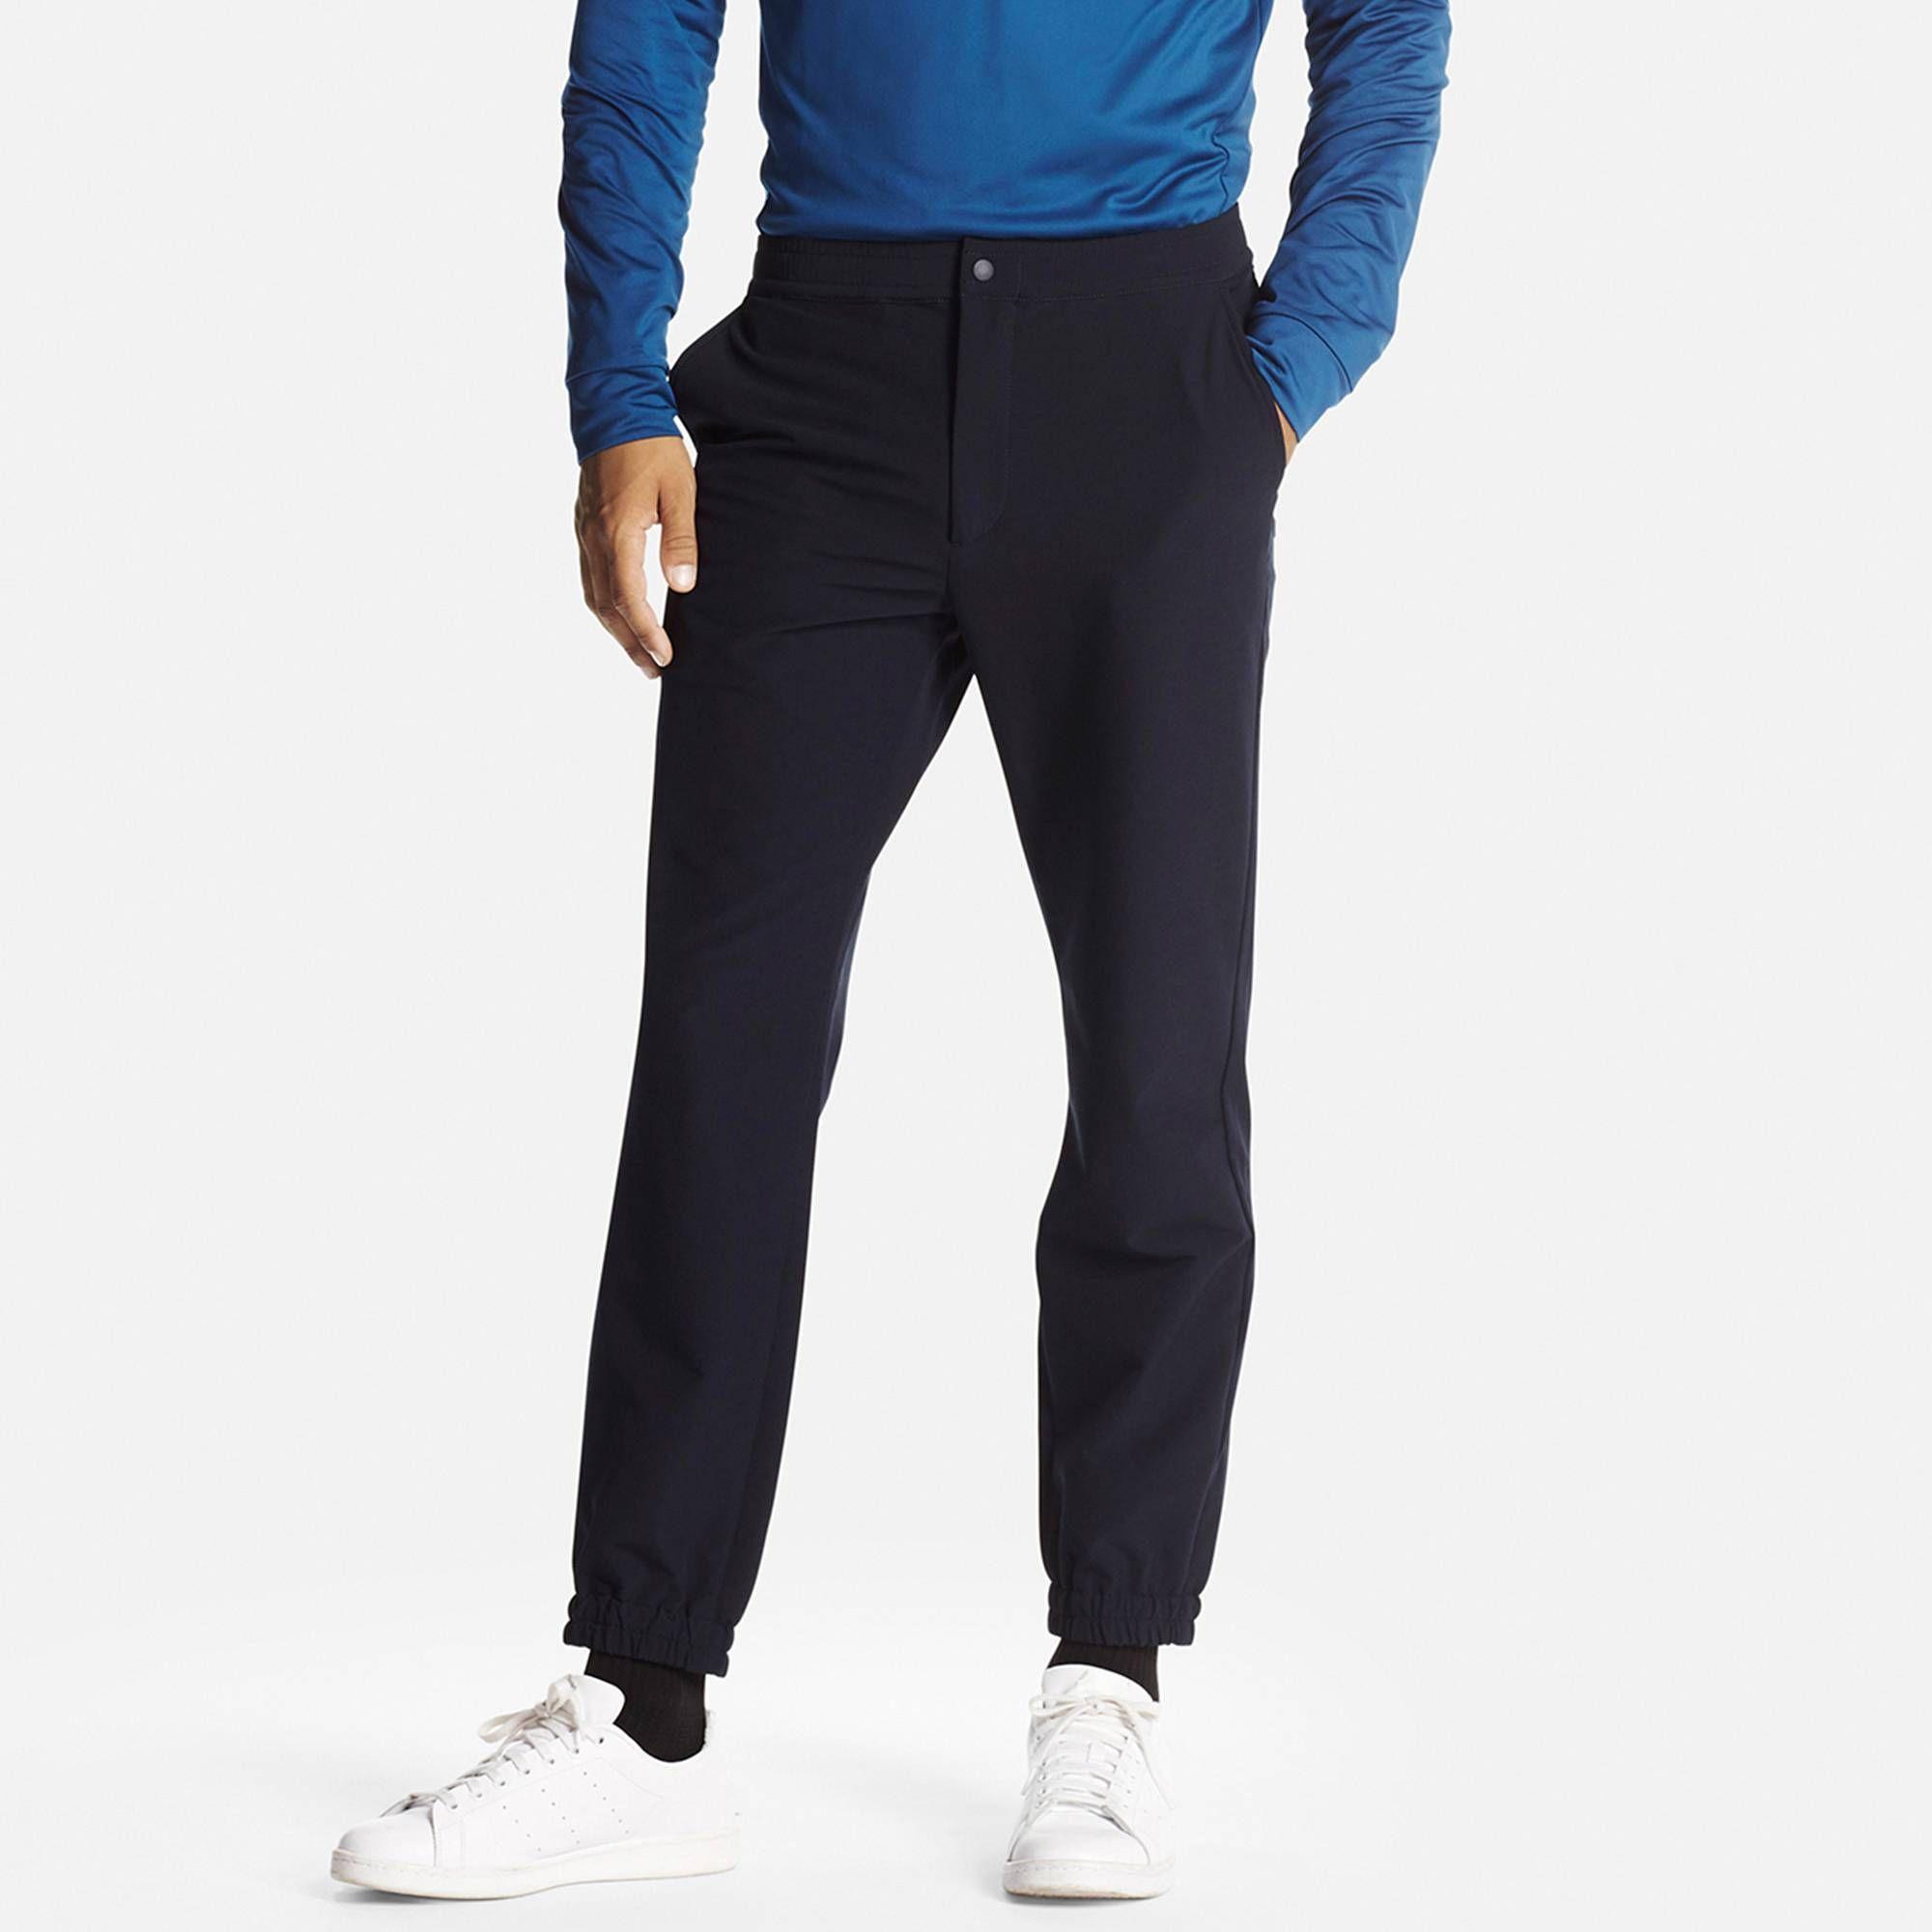 48ab04b928758 Men jogger pants (ultra stretch) | cloth | Mens jogger pants, Pants ...